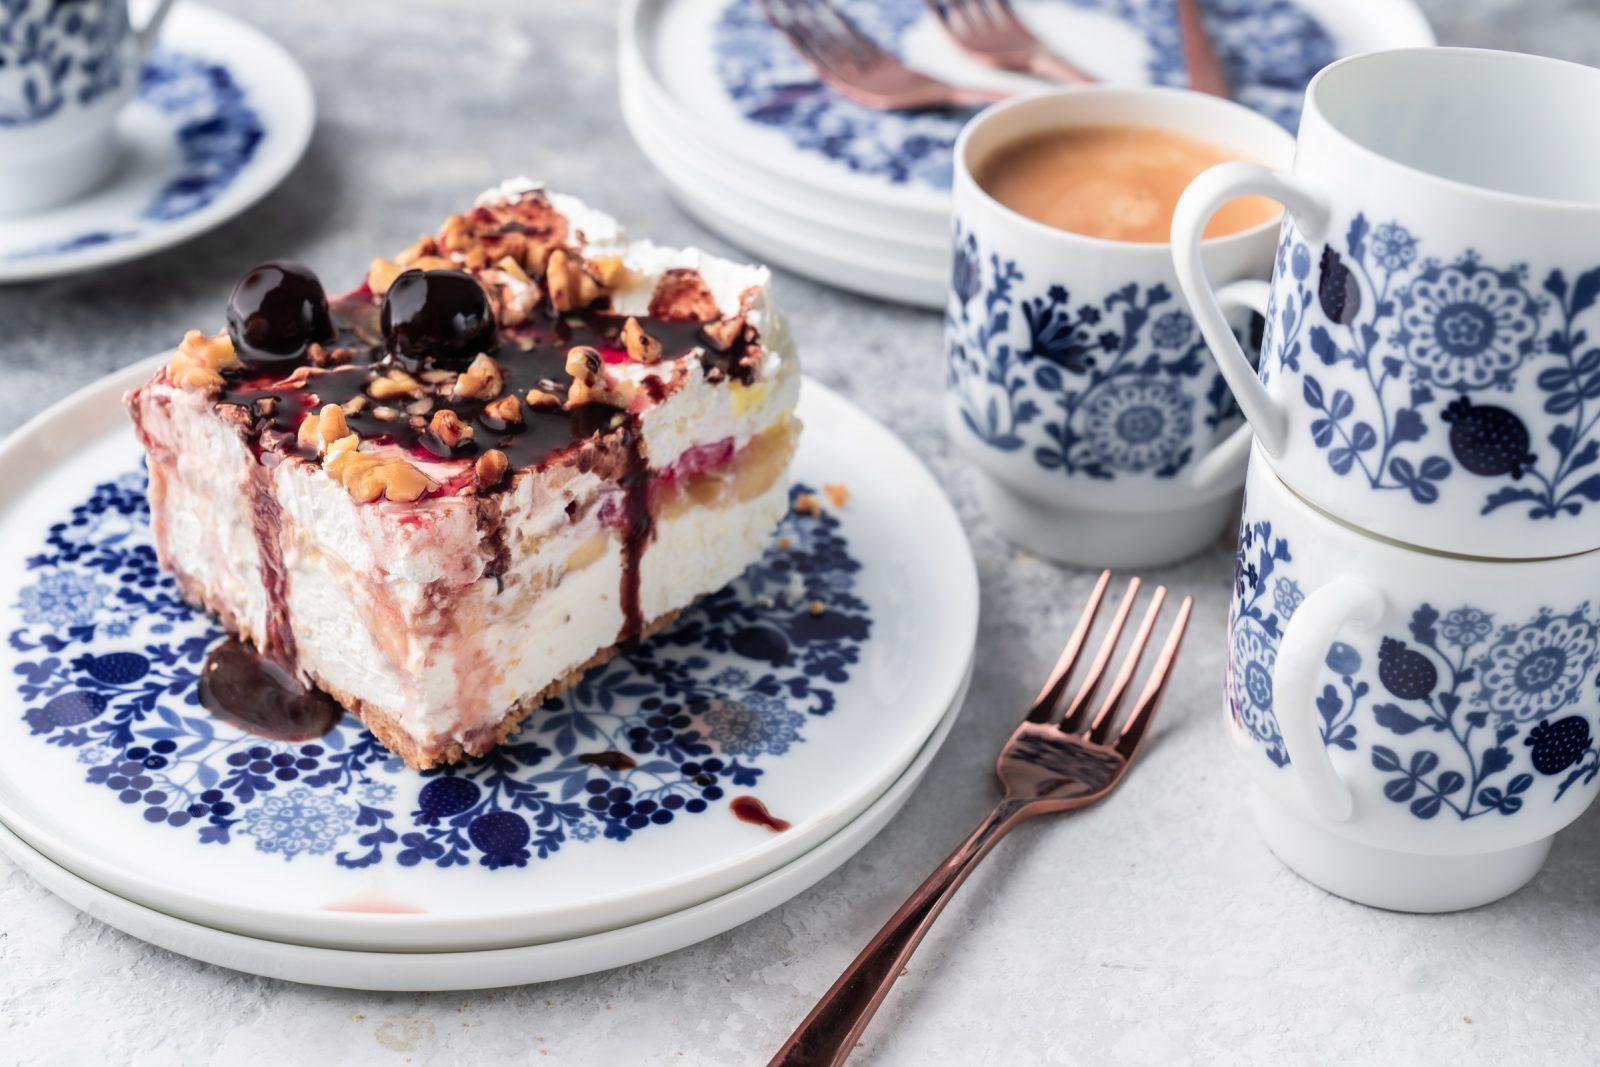 Rezept für No Bake Banana Split Dessert   Unser Sommer-Dessert Nr. 1. Vom amerikanischen Original inspiriert. Fruchtig, Schokolade und cremig.